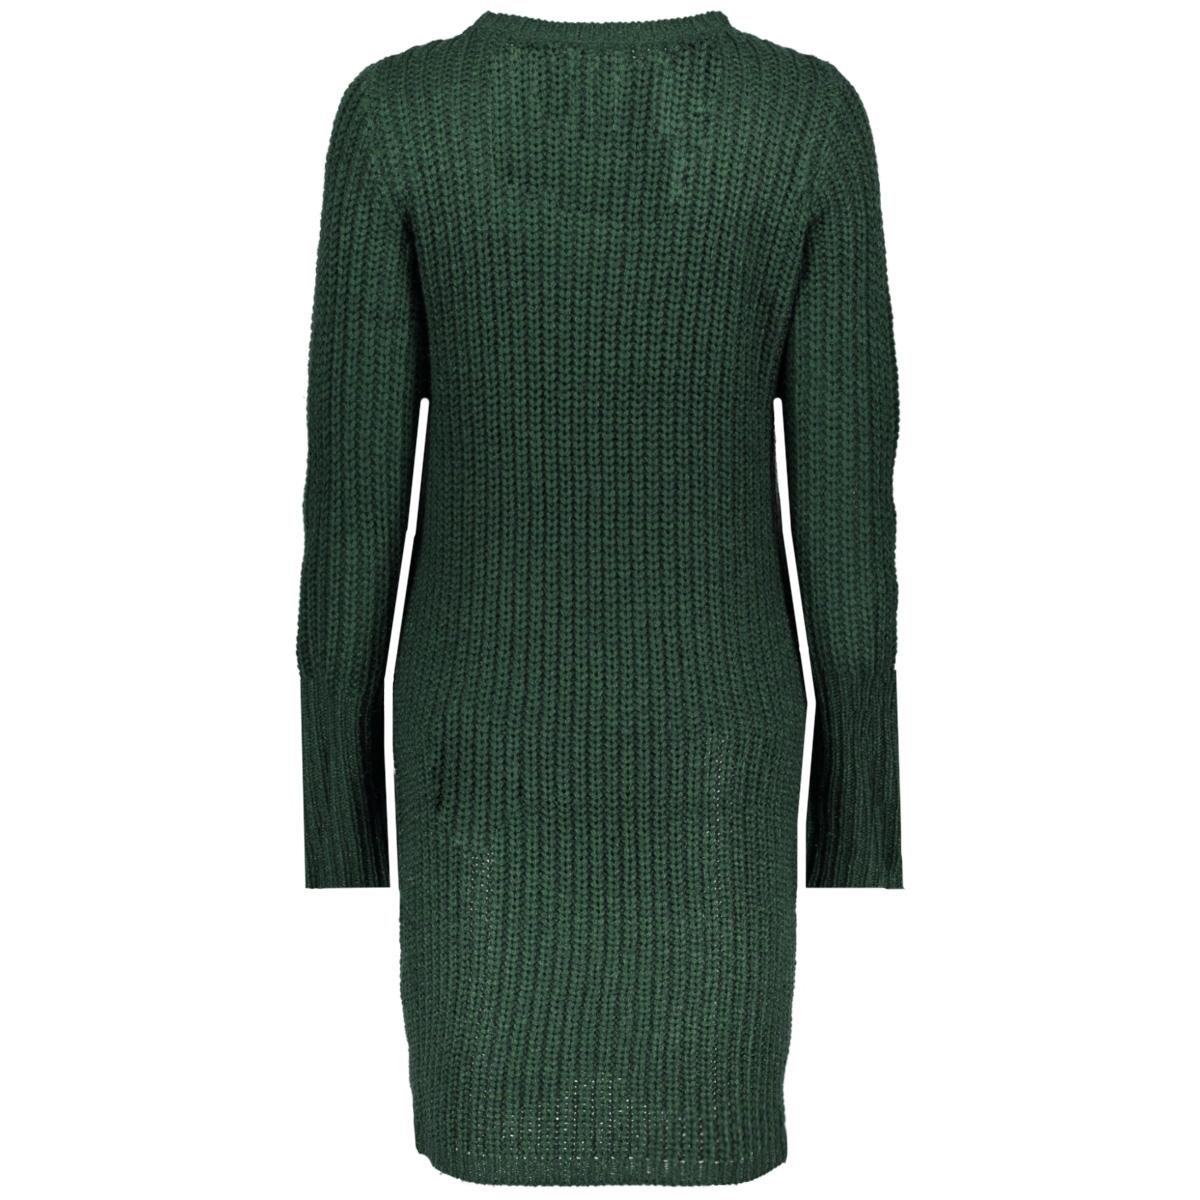 viview l/s knit dress tb 14042721 vila jurk pine grove